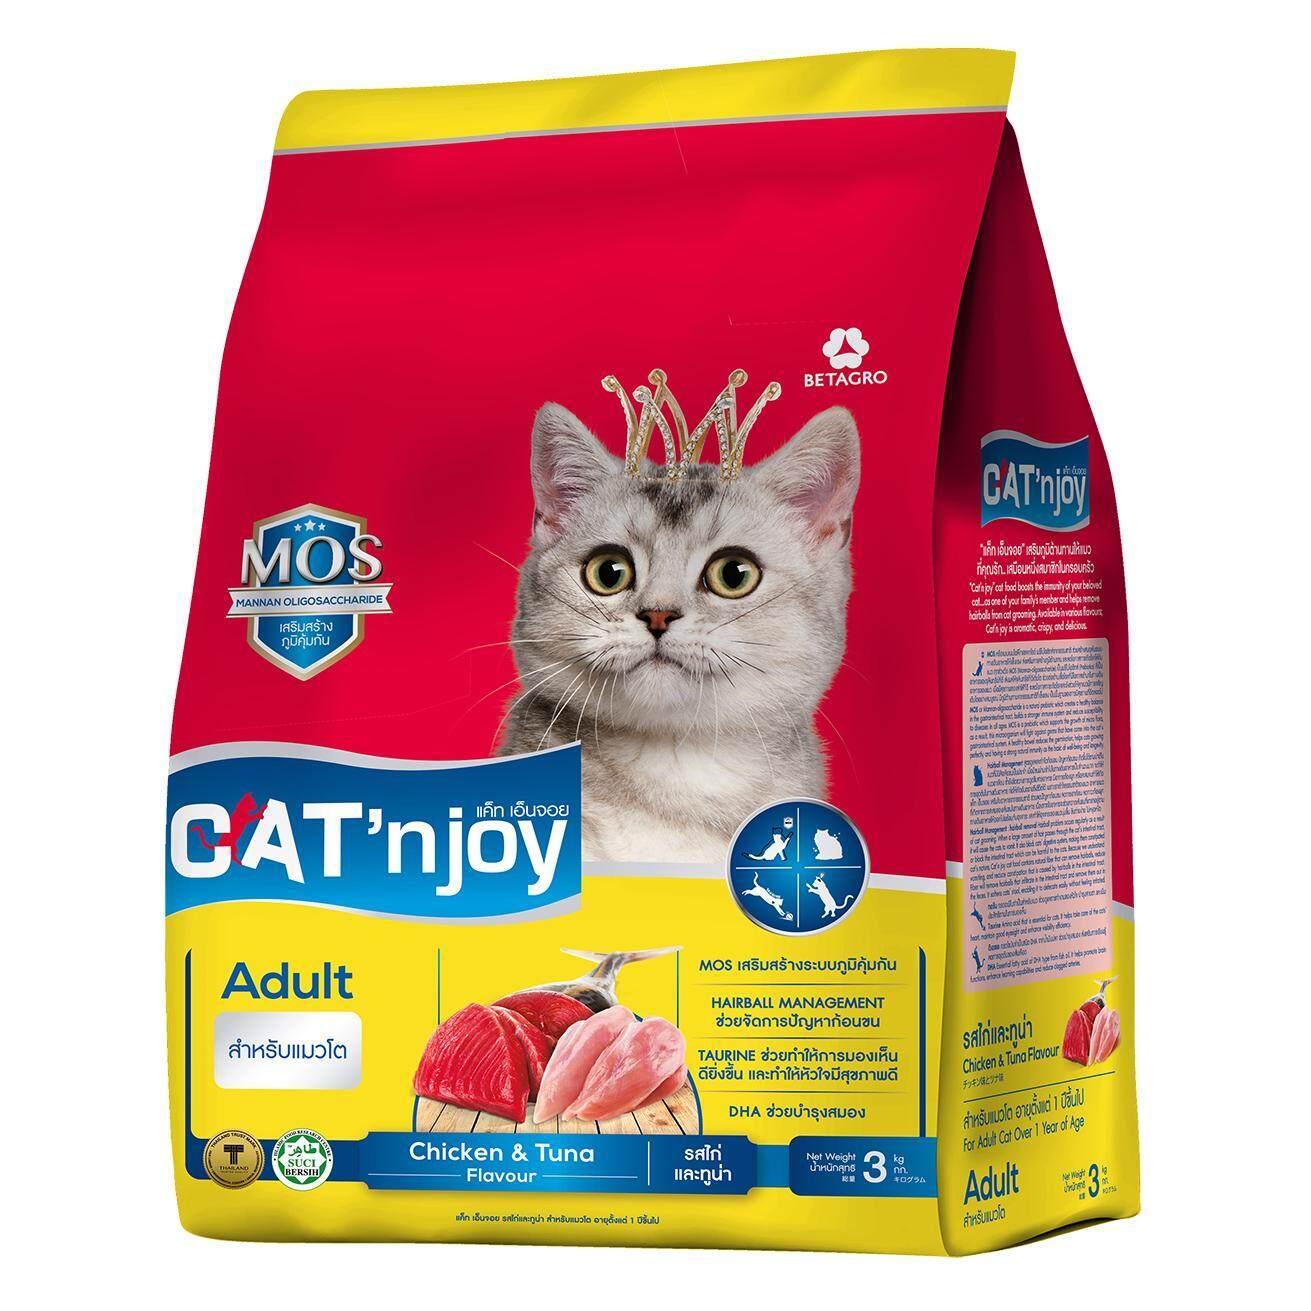 ราคา Cat N Joyอาหารเเมวโตทุกสายพันธุ์ รสไก่เเละทูน่า3กก เป็นต้นฉบับ Cat 'N Joy